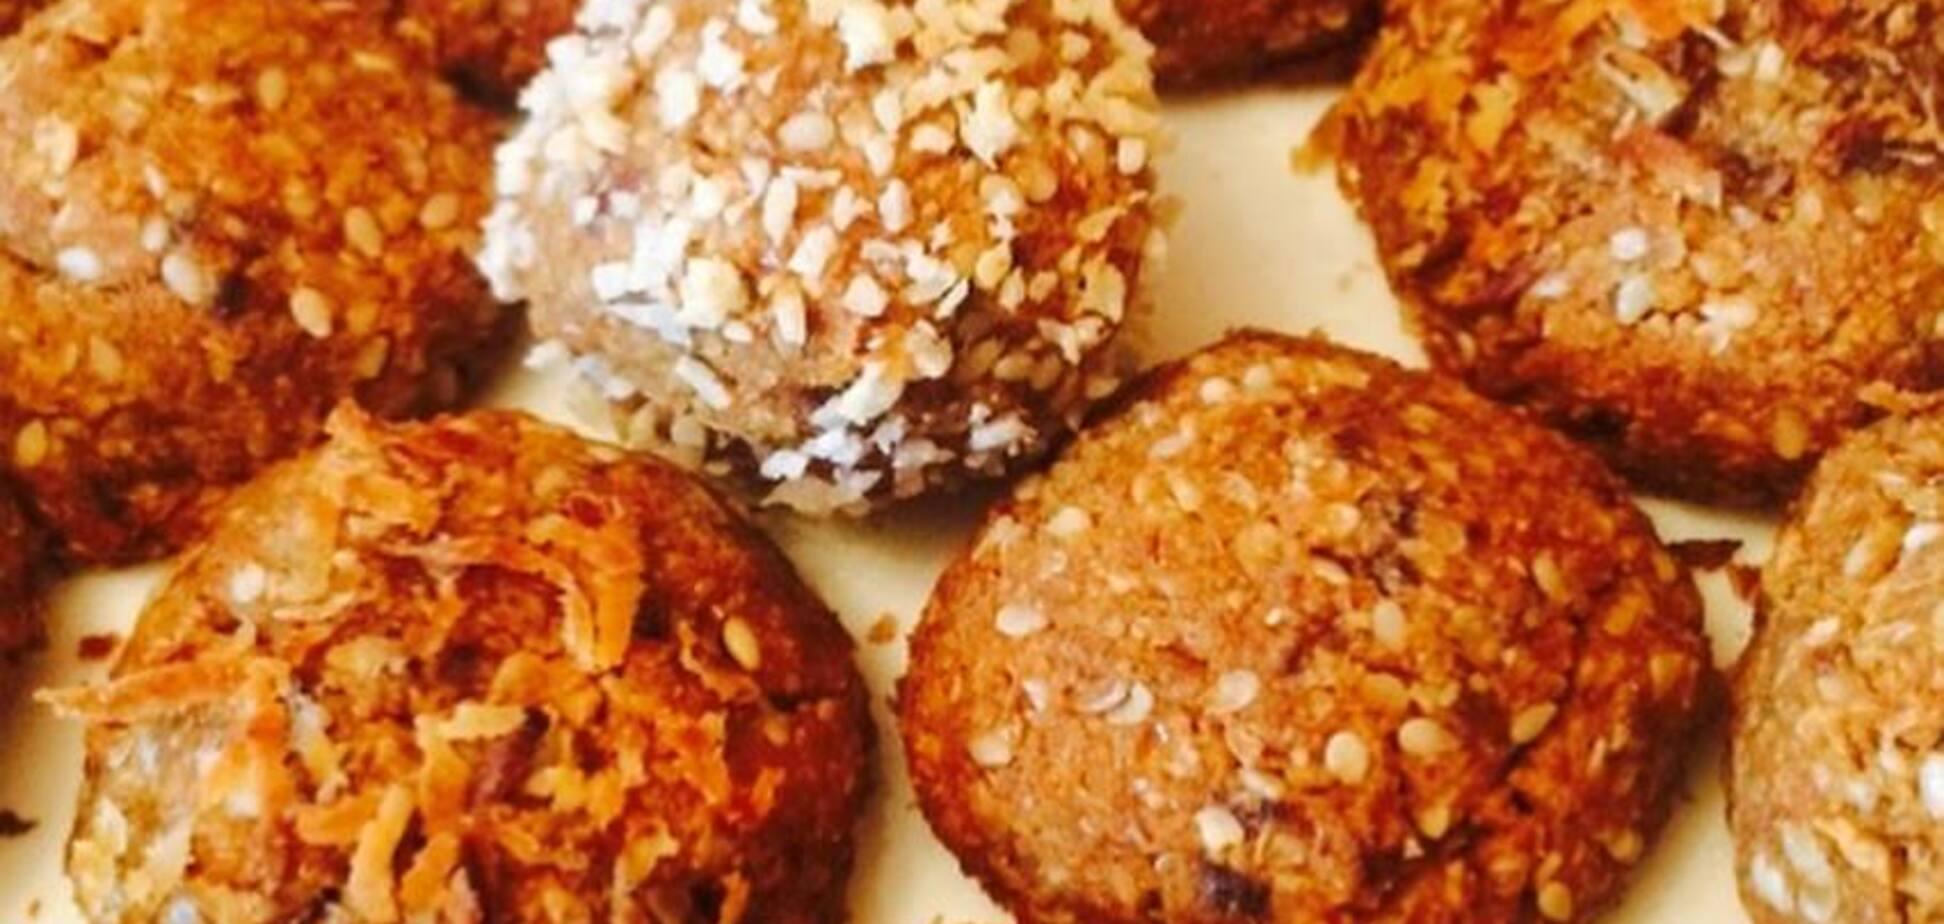 Молоко из кунжута и печенье из жмыха: как приготовить